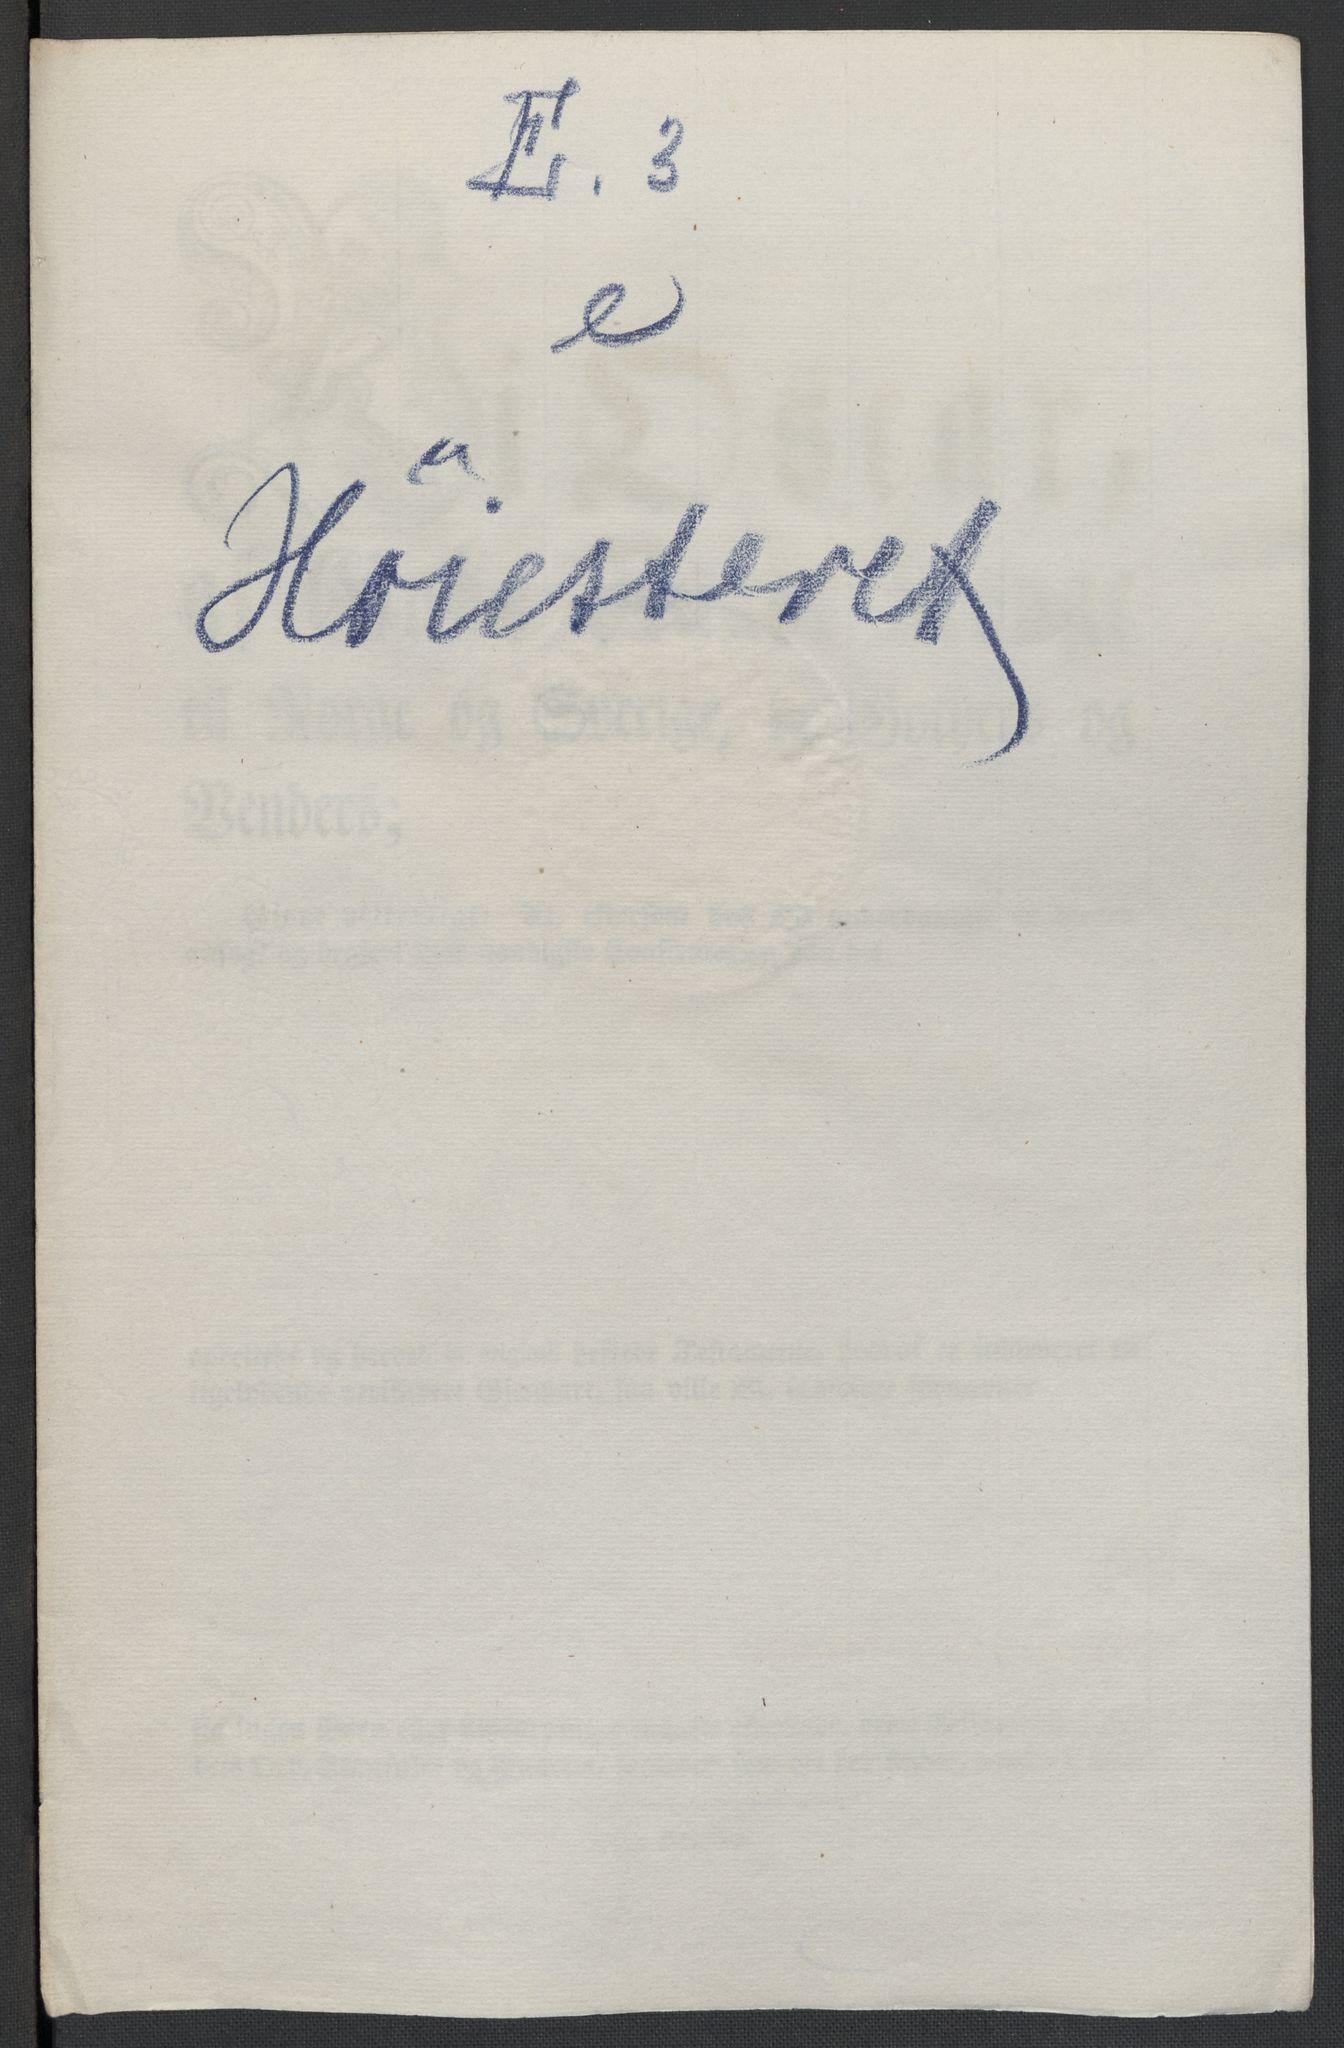 RA, Christie, Wilhelm Frimann Koren, F/L0005, 1815-1816, s. 159